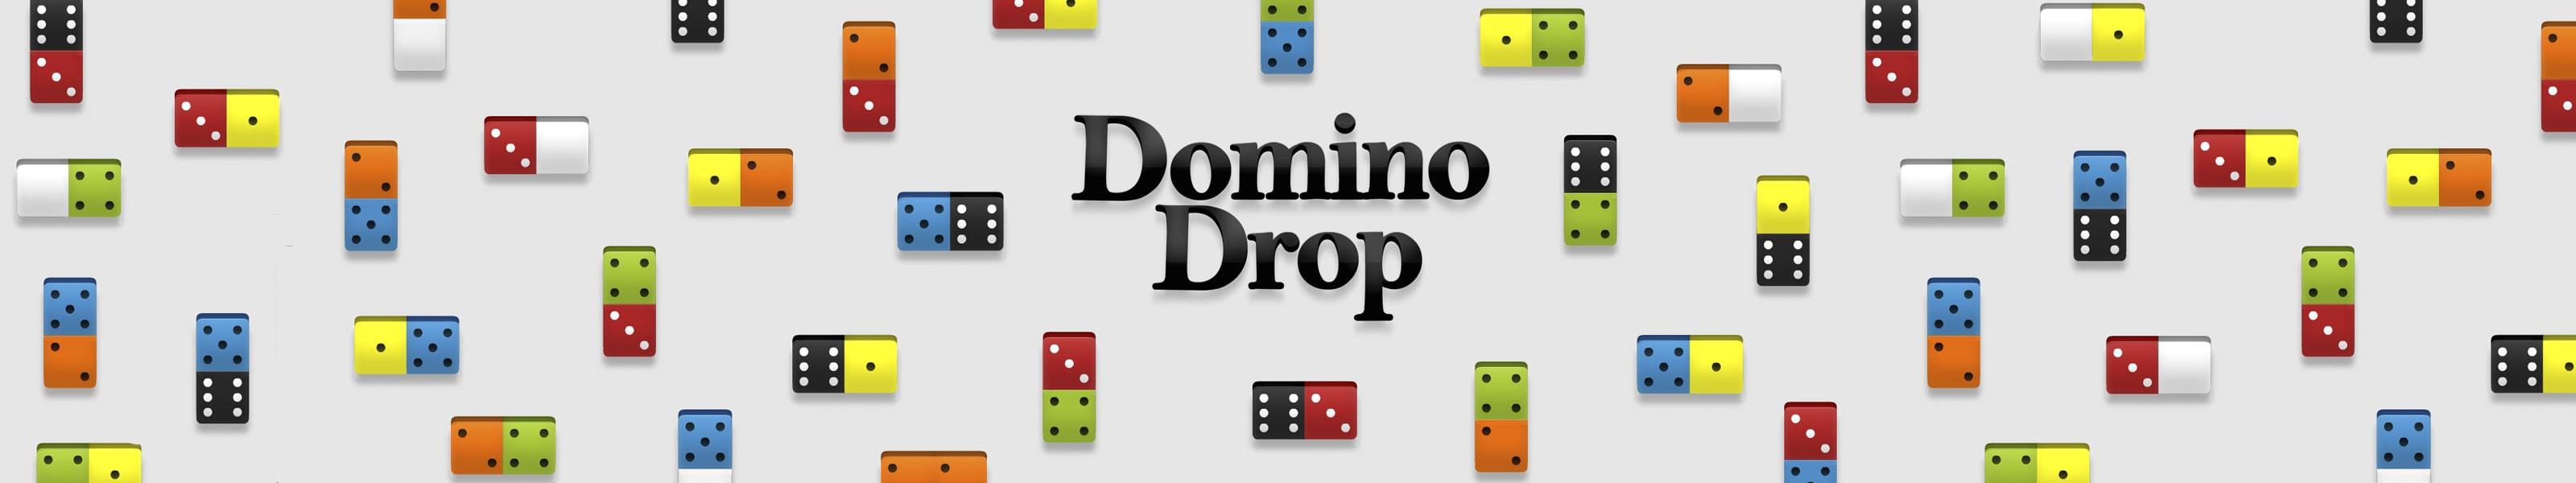 Jogo Domino Drop para iOS